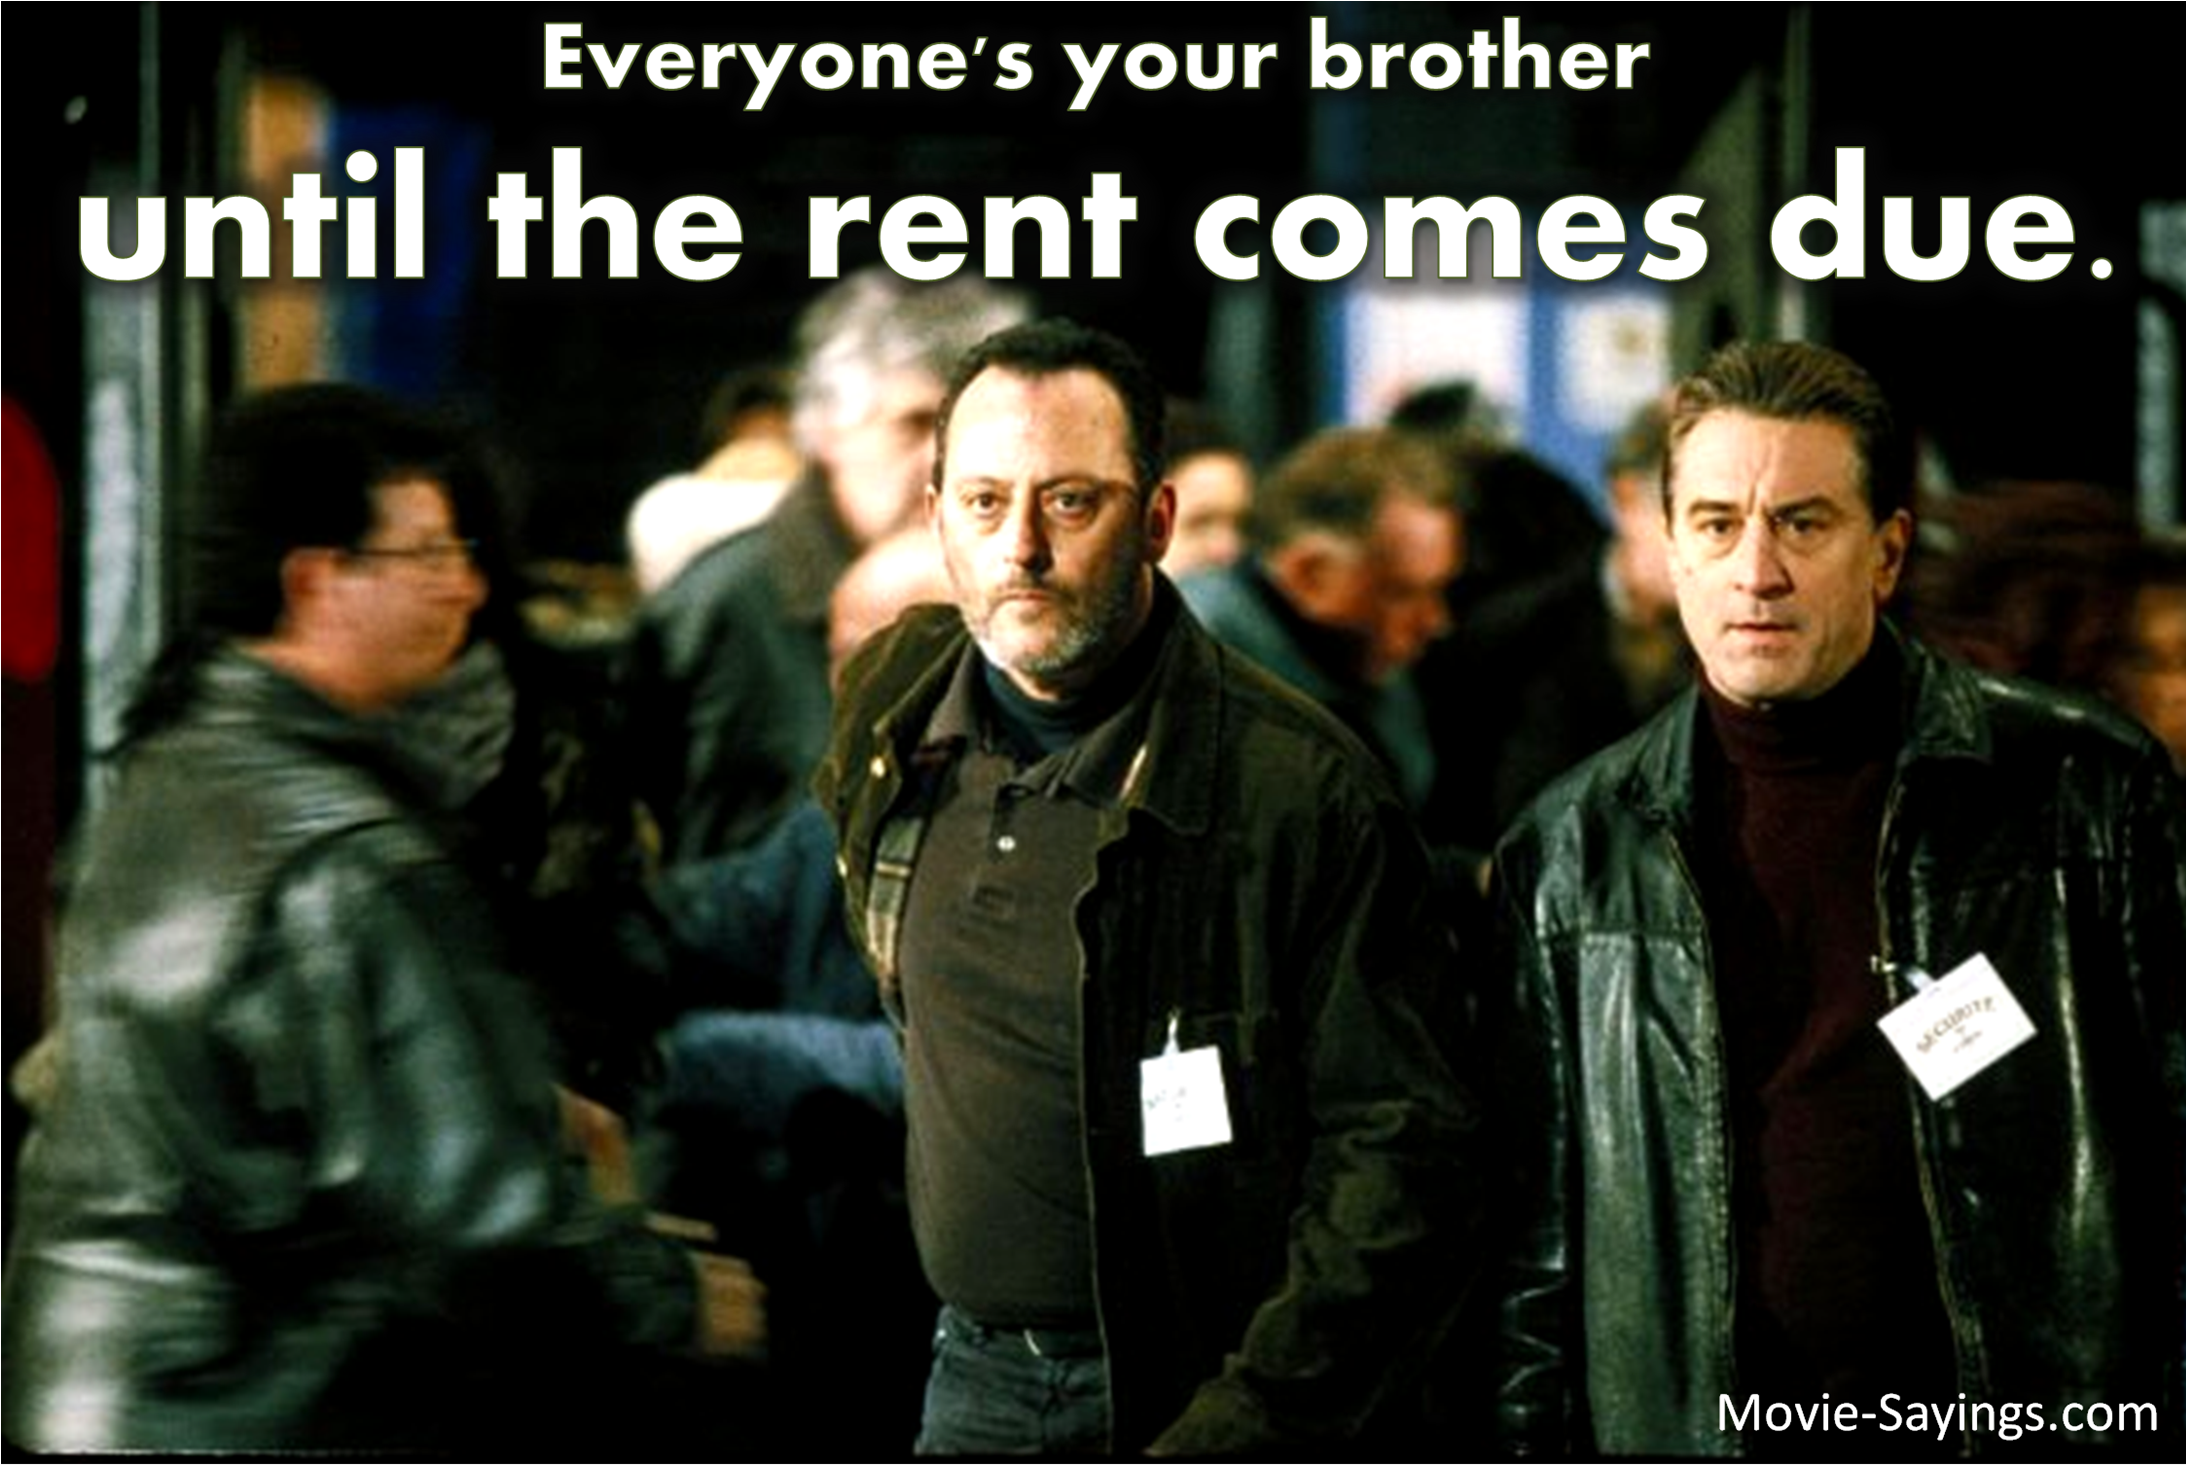 Jean Reno's quote #2